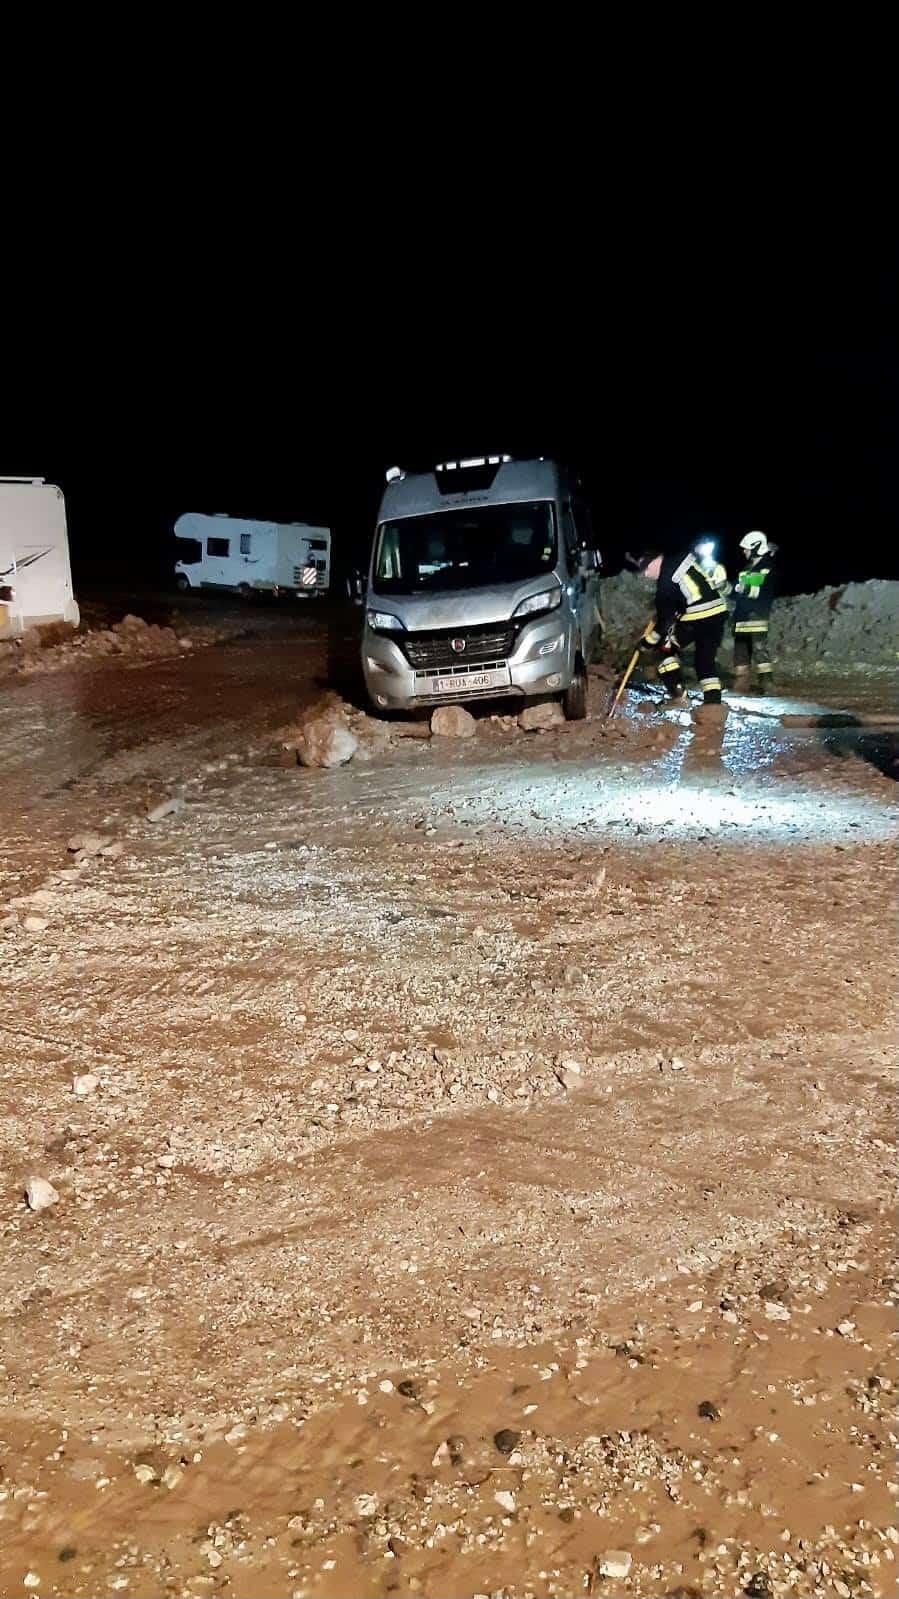 221489233 4311803875546291 9074336619199516206 n - Alluvione lampo in Alto Adige, ingenti danni. Ormai meteo estremo sempre più frequente